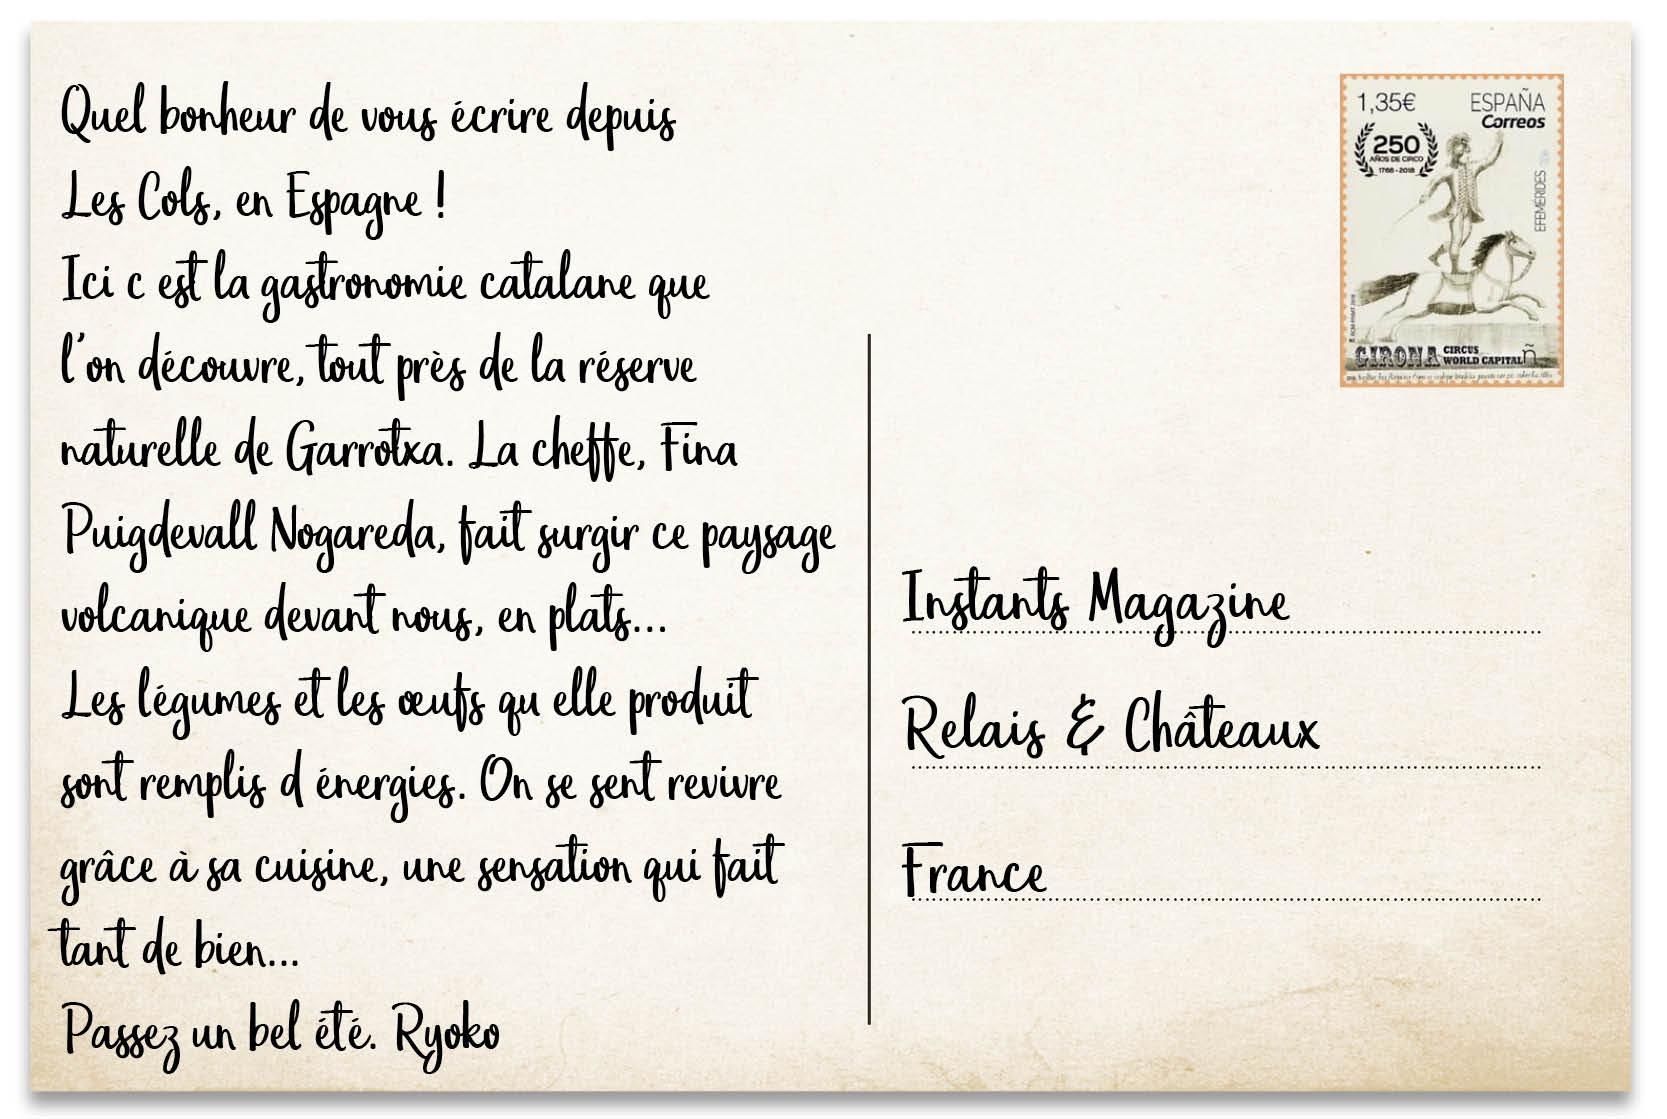 La Carte Postale De L Ete Par Ryoko Sekiguchi Le Magazine De Relais Chateaux